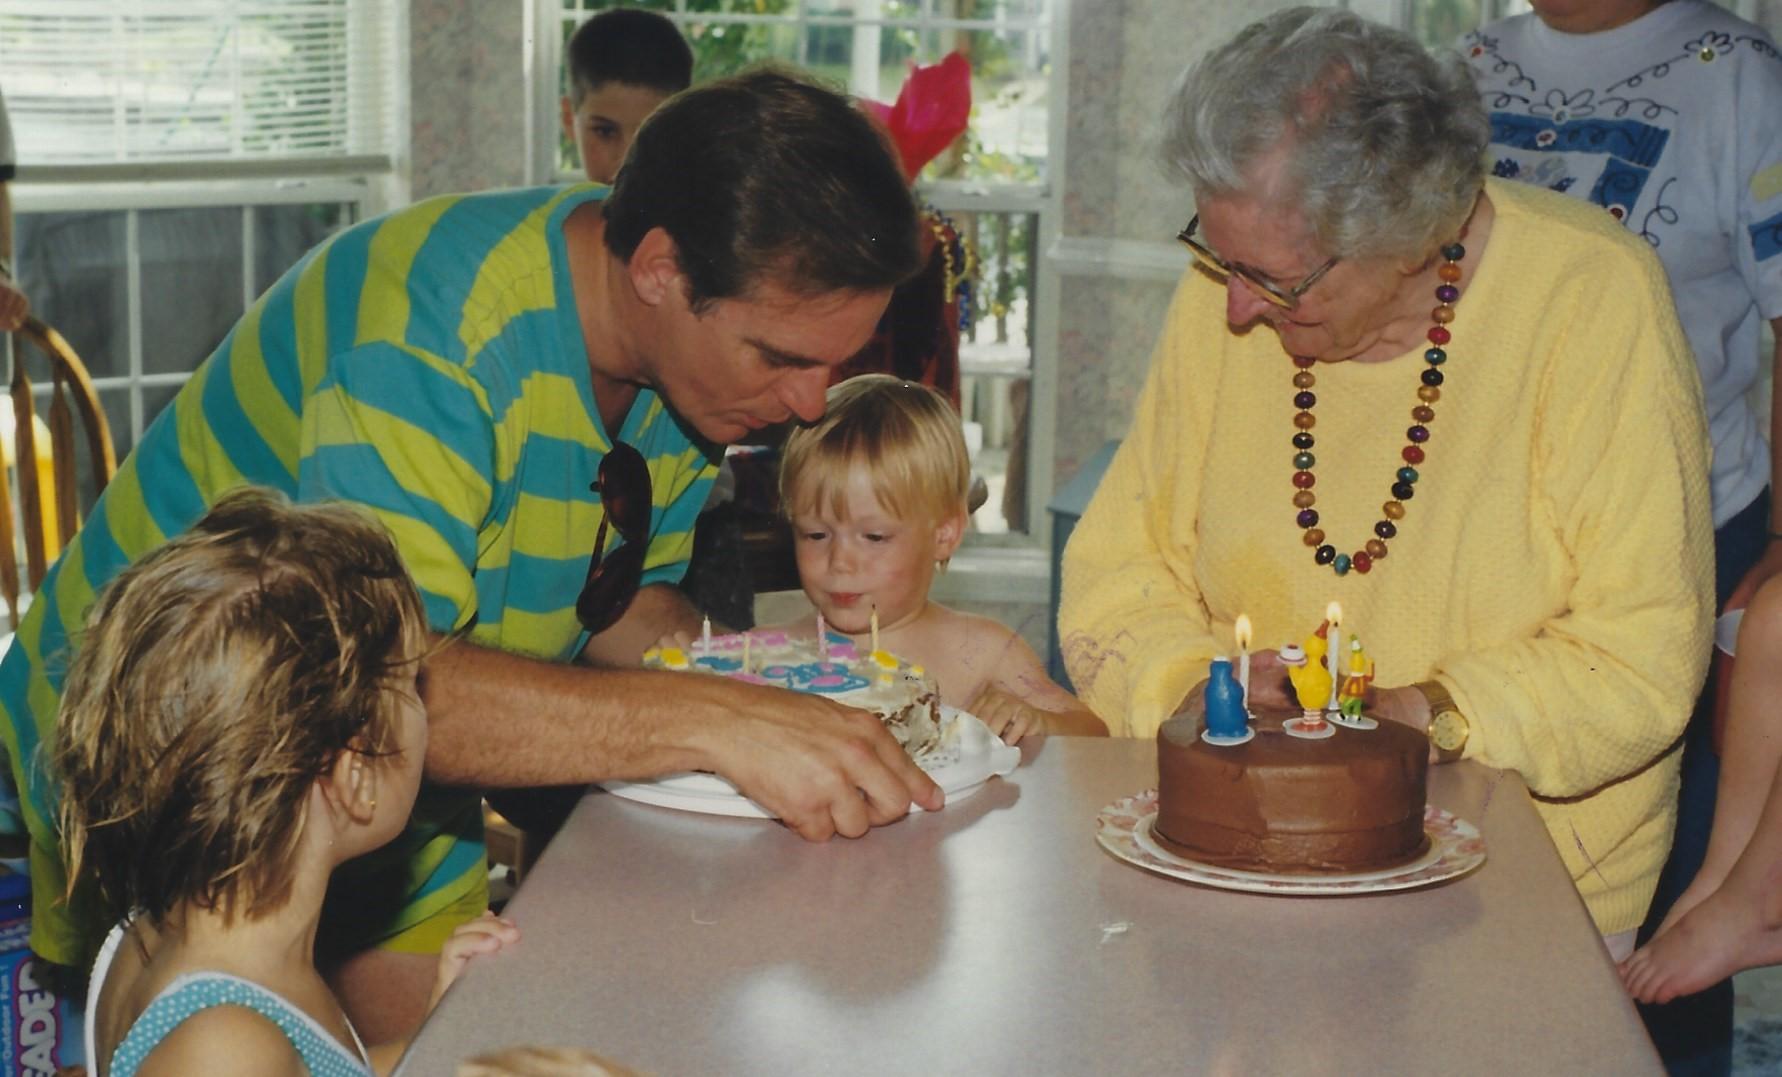 Jack's Birthday party